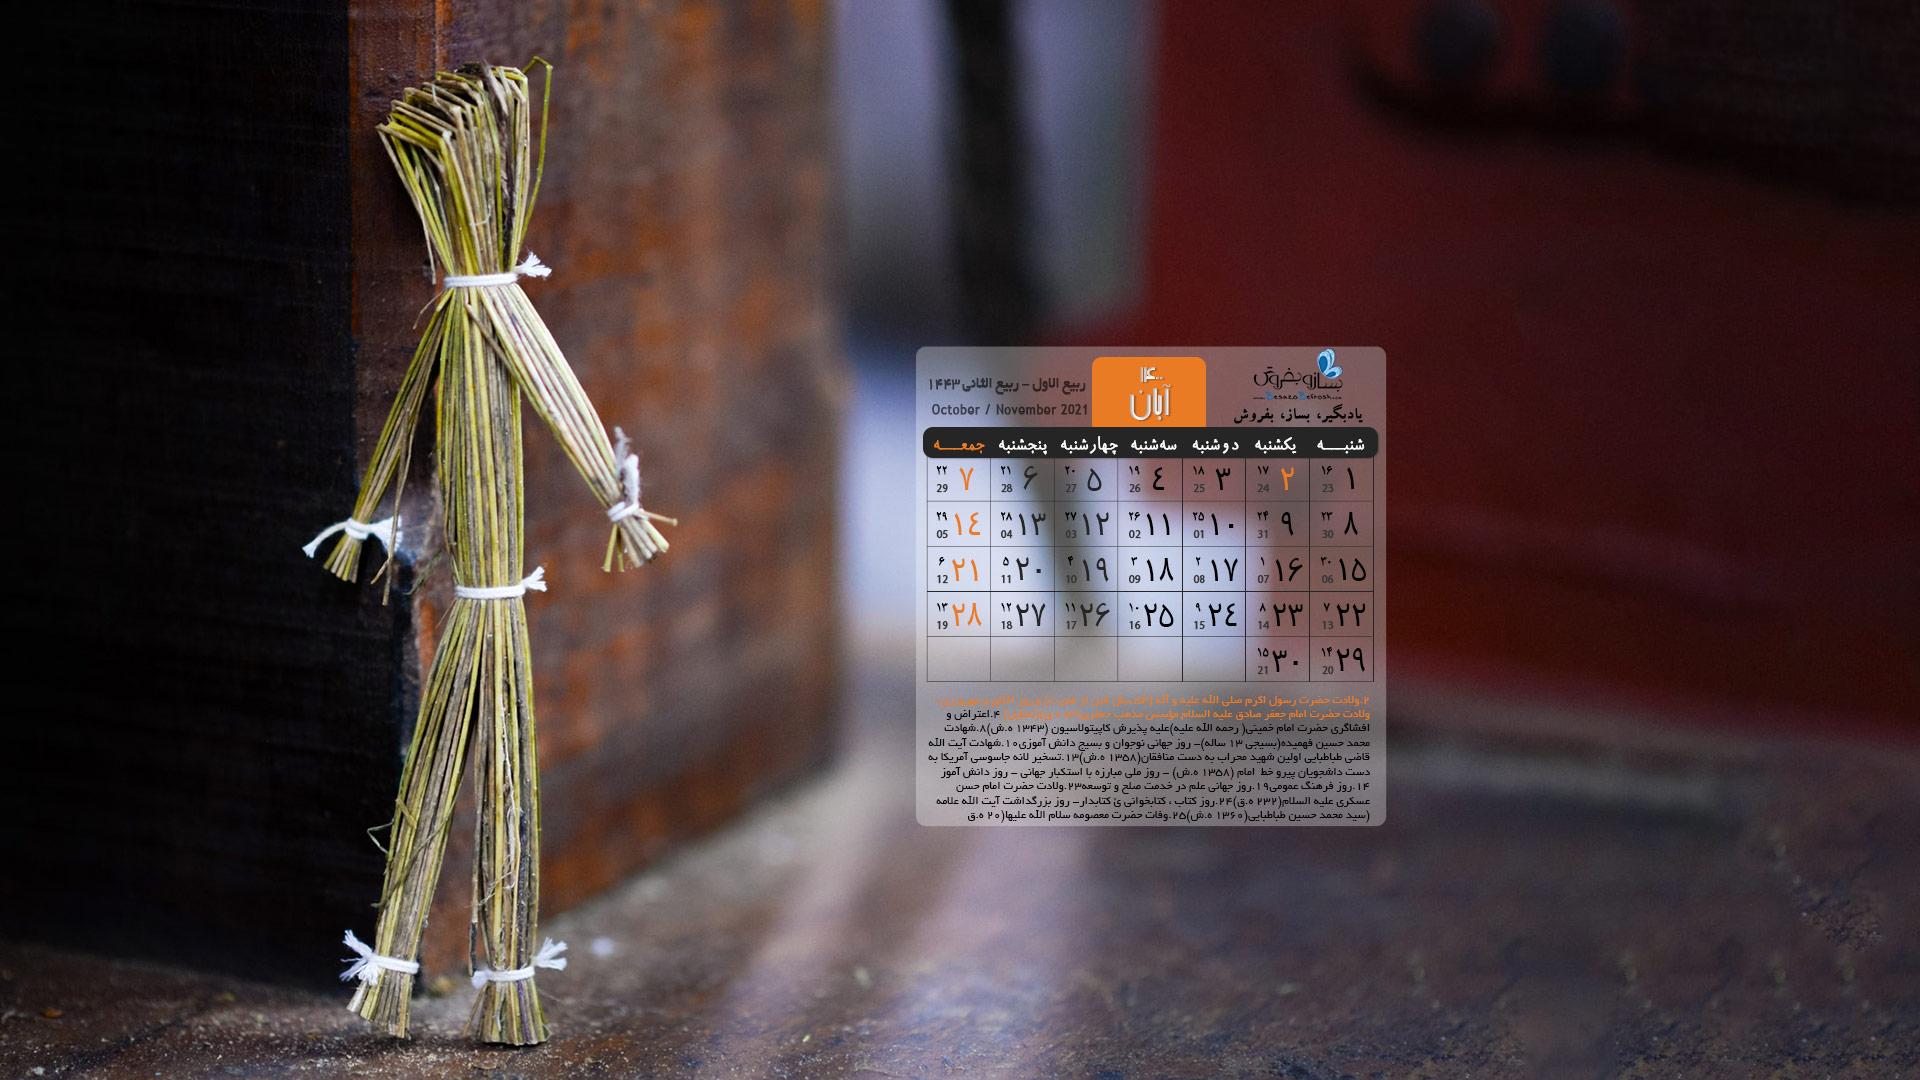 عکس تقویم فانتزی دسکتاپ آبان 1400